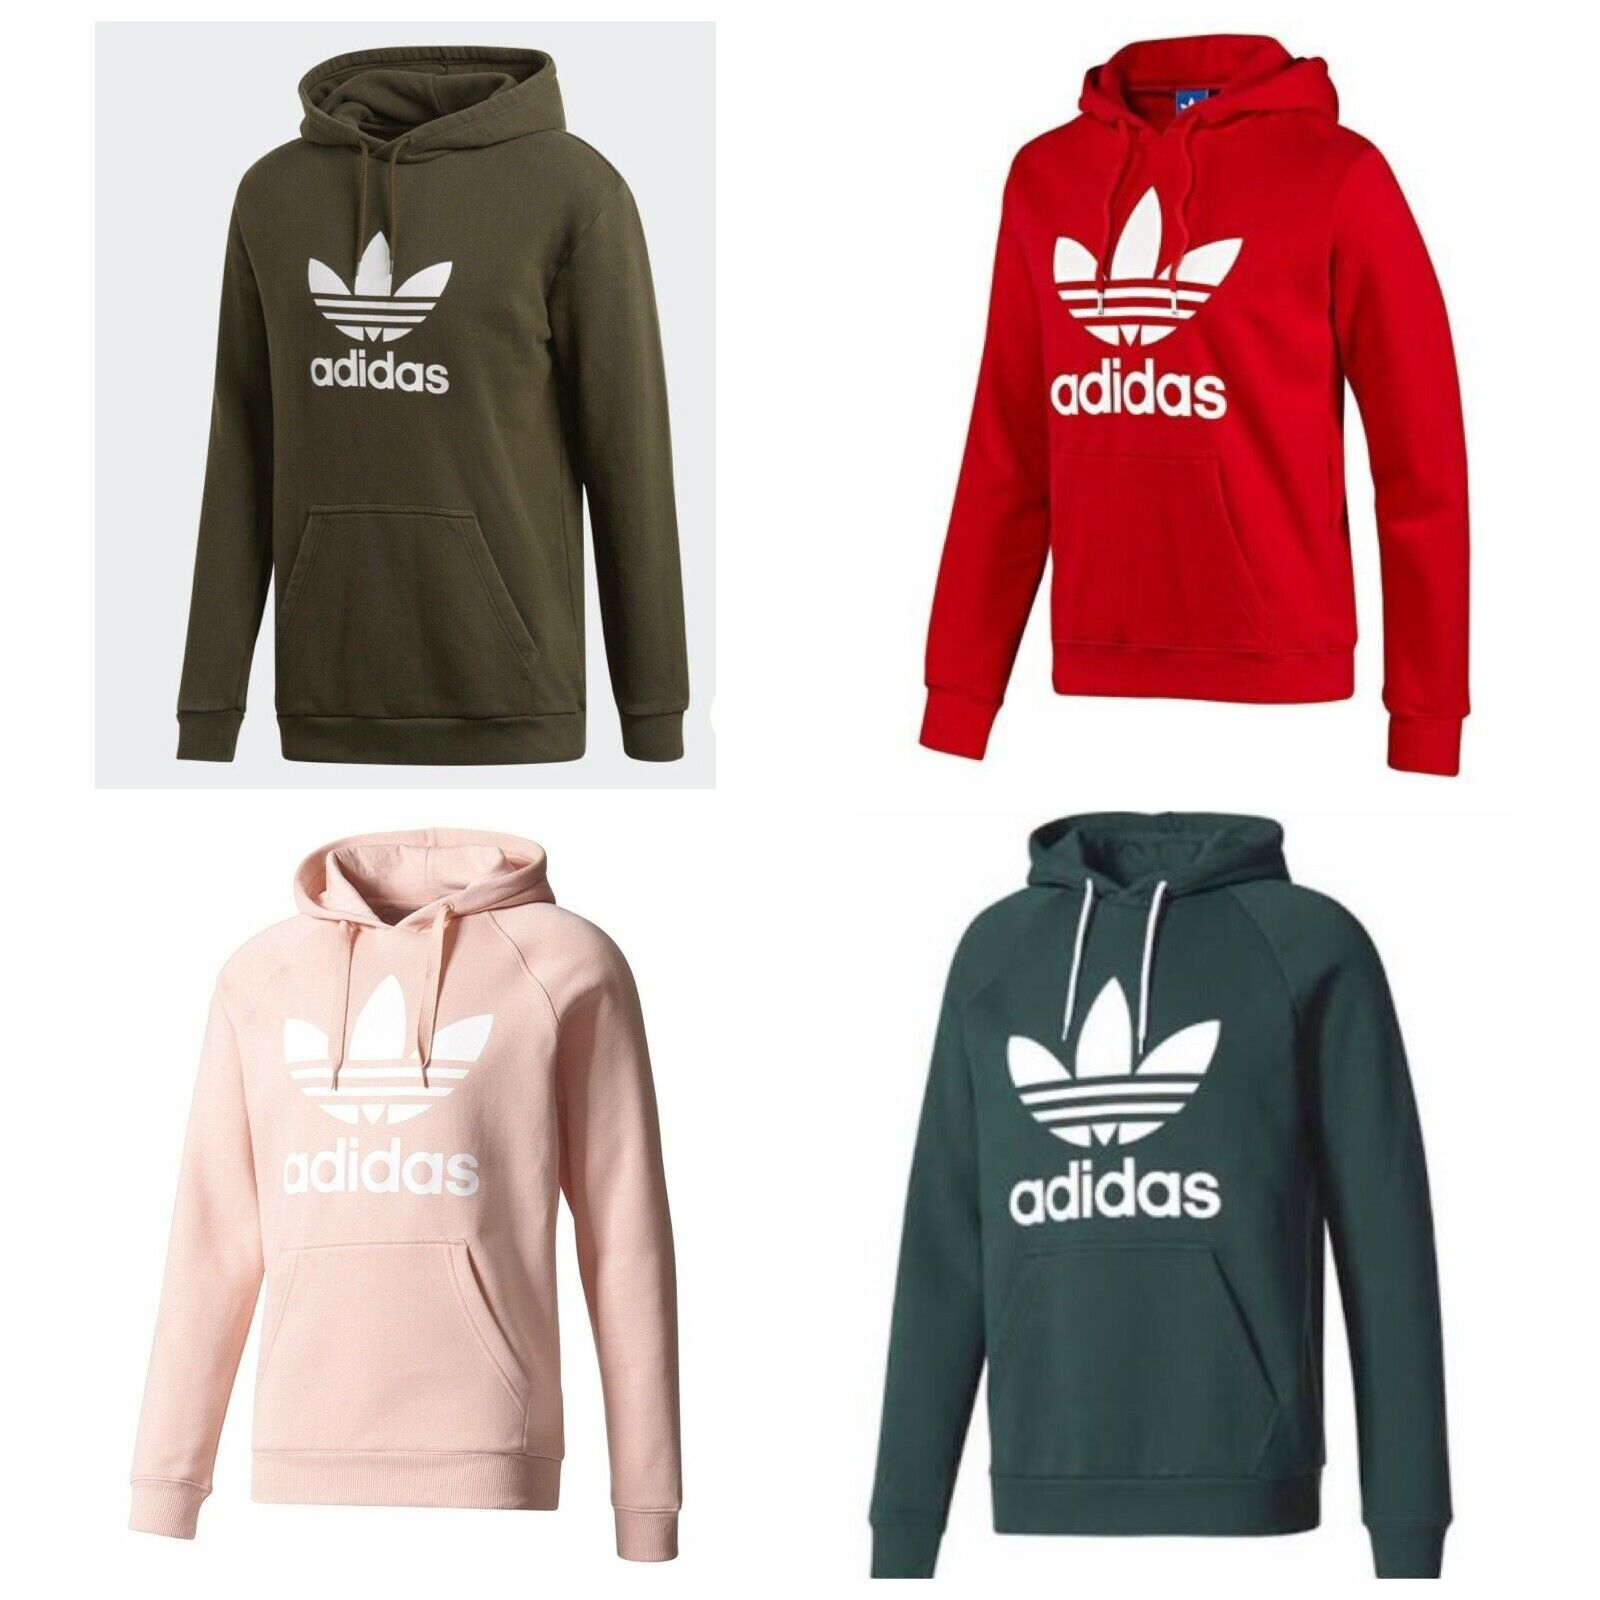 Adidas Herren Originals Trefoil Fleece Kapuzenpullover Hooded Sweatshirt